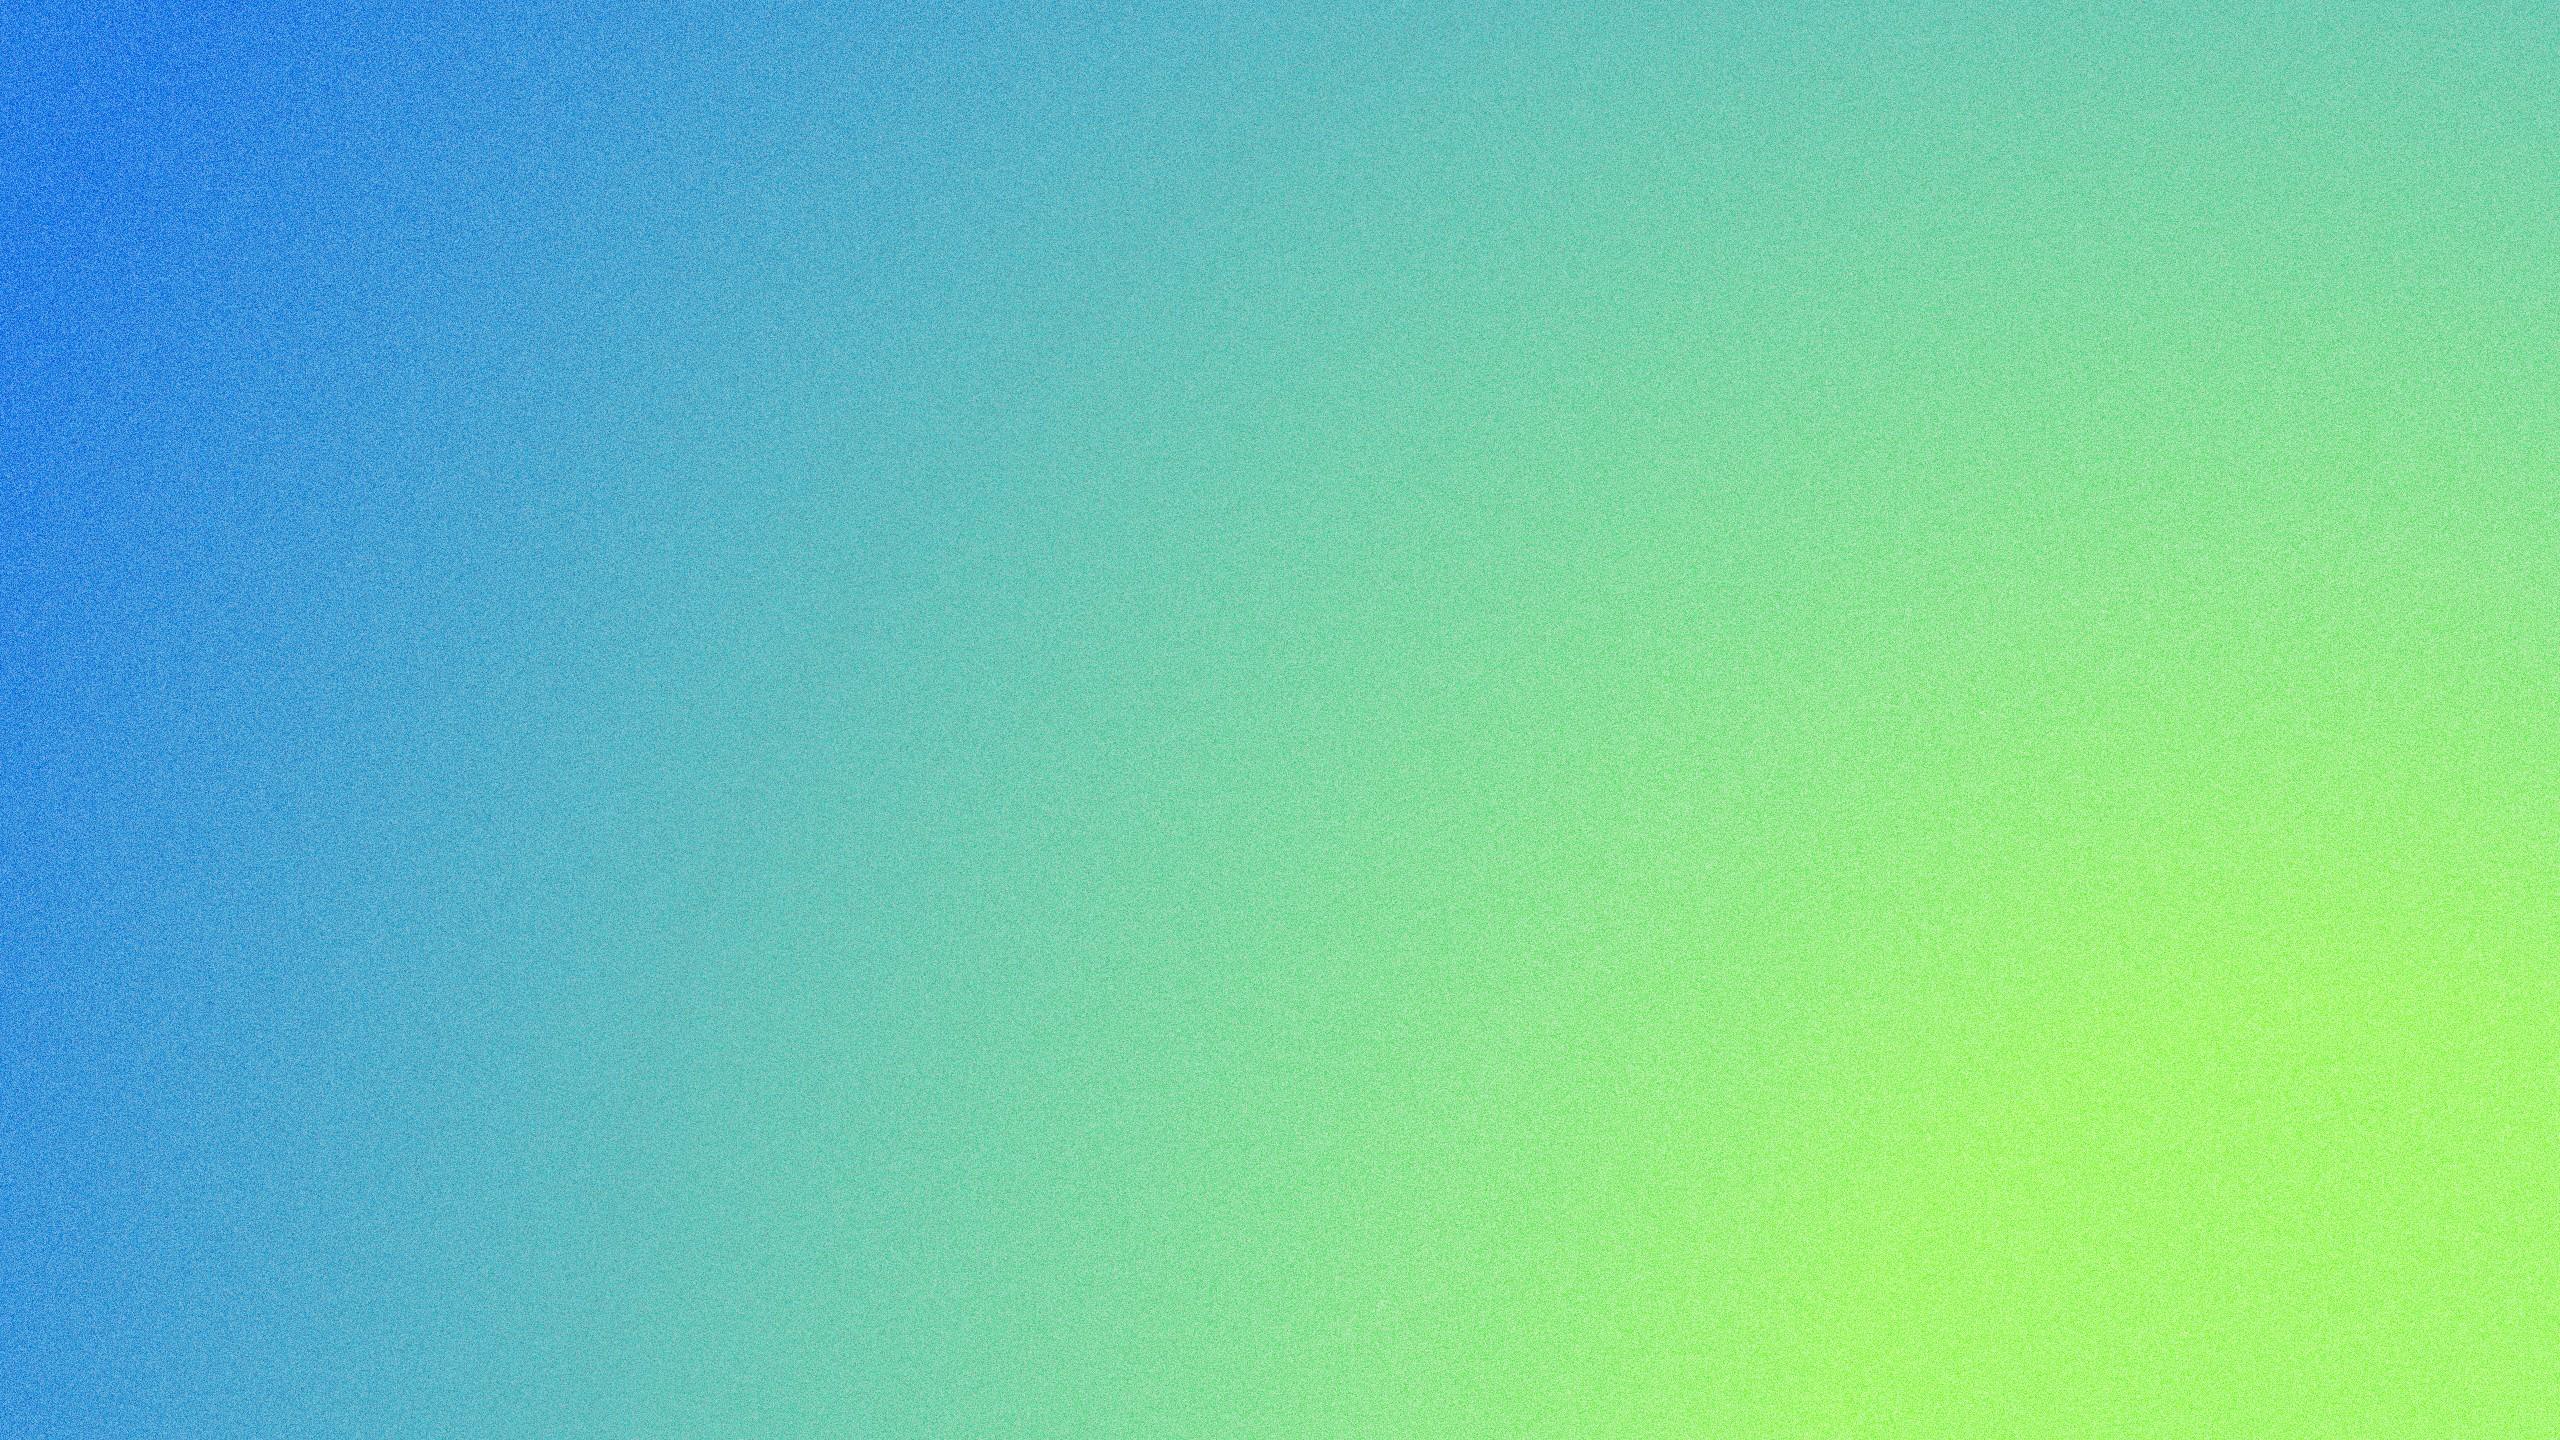 любого помещения фоновые картинки сине зеленого цвета сайте собраны